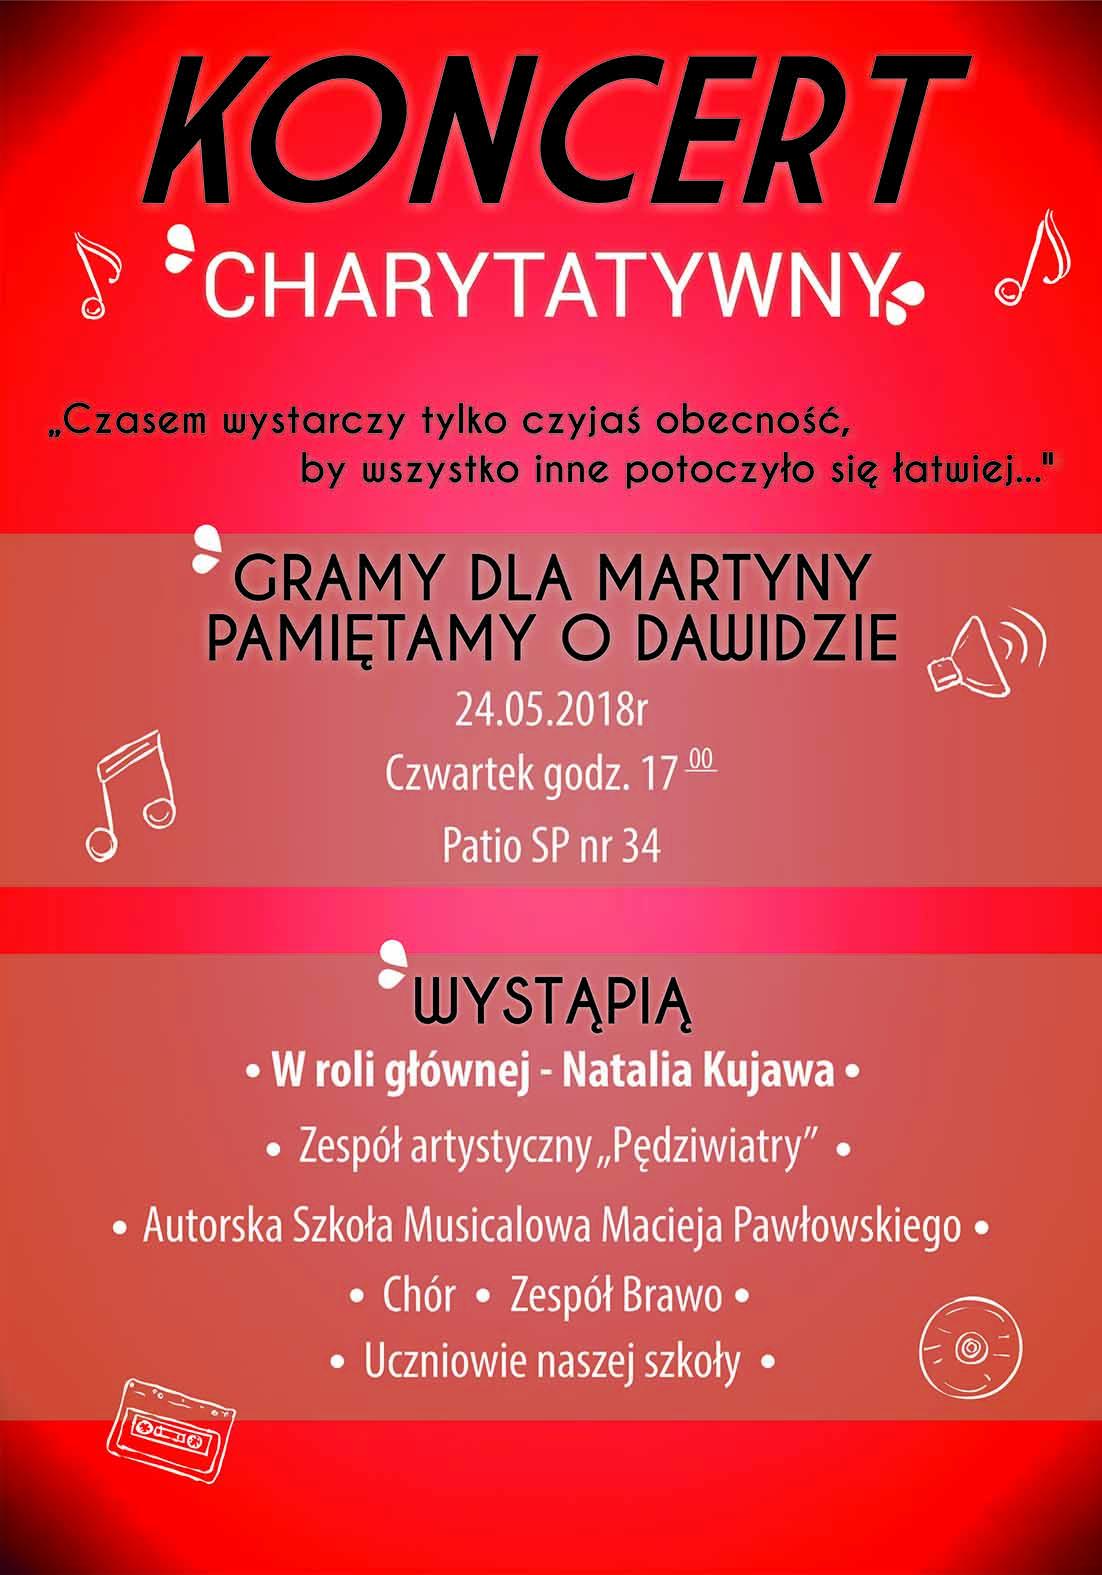 Plakat Koncert Charytatywny Szkoła Podstawowa Nr 34